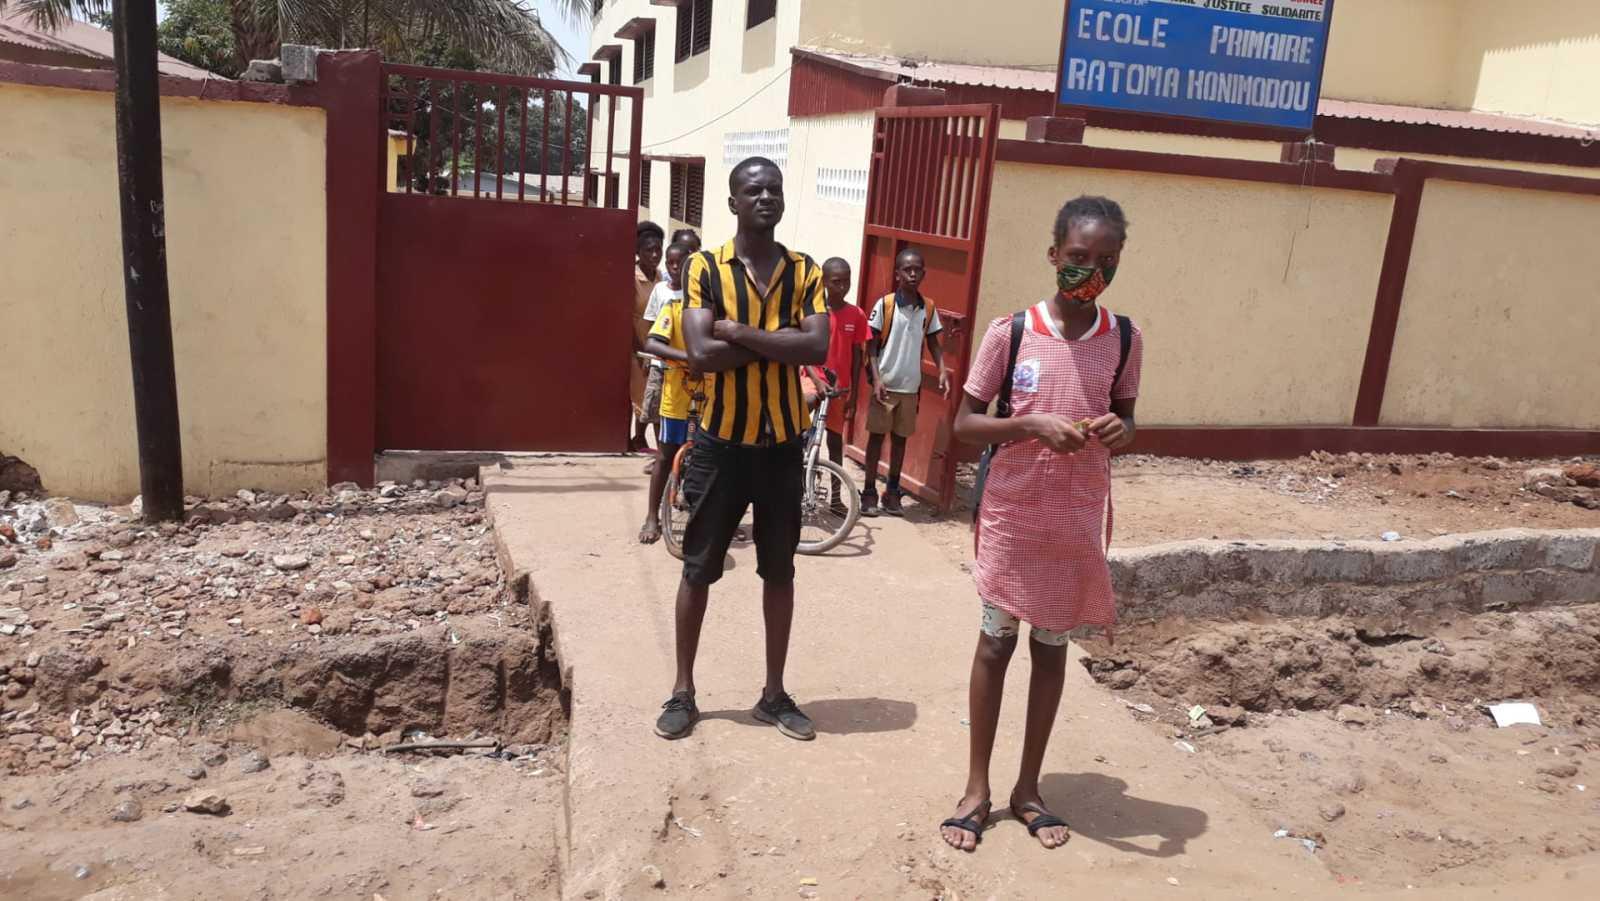 14 horas Fin de Semana - En un centro de tránsito de Guinea: historias de fracaso y esperanza - Escuchar ahora